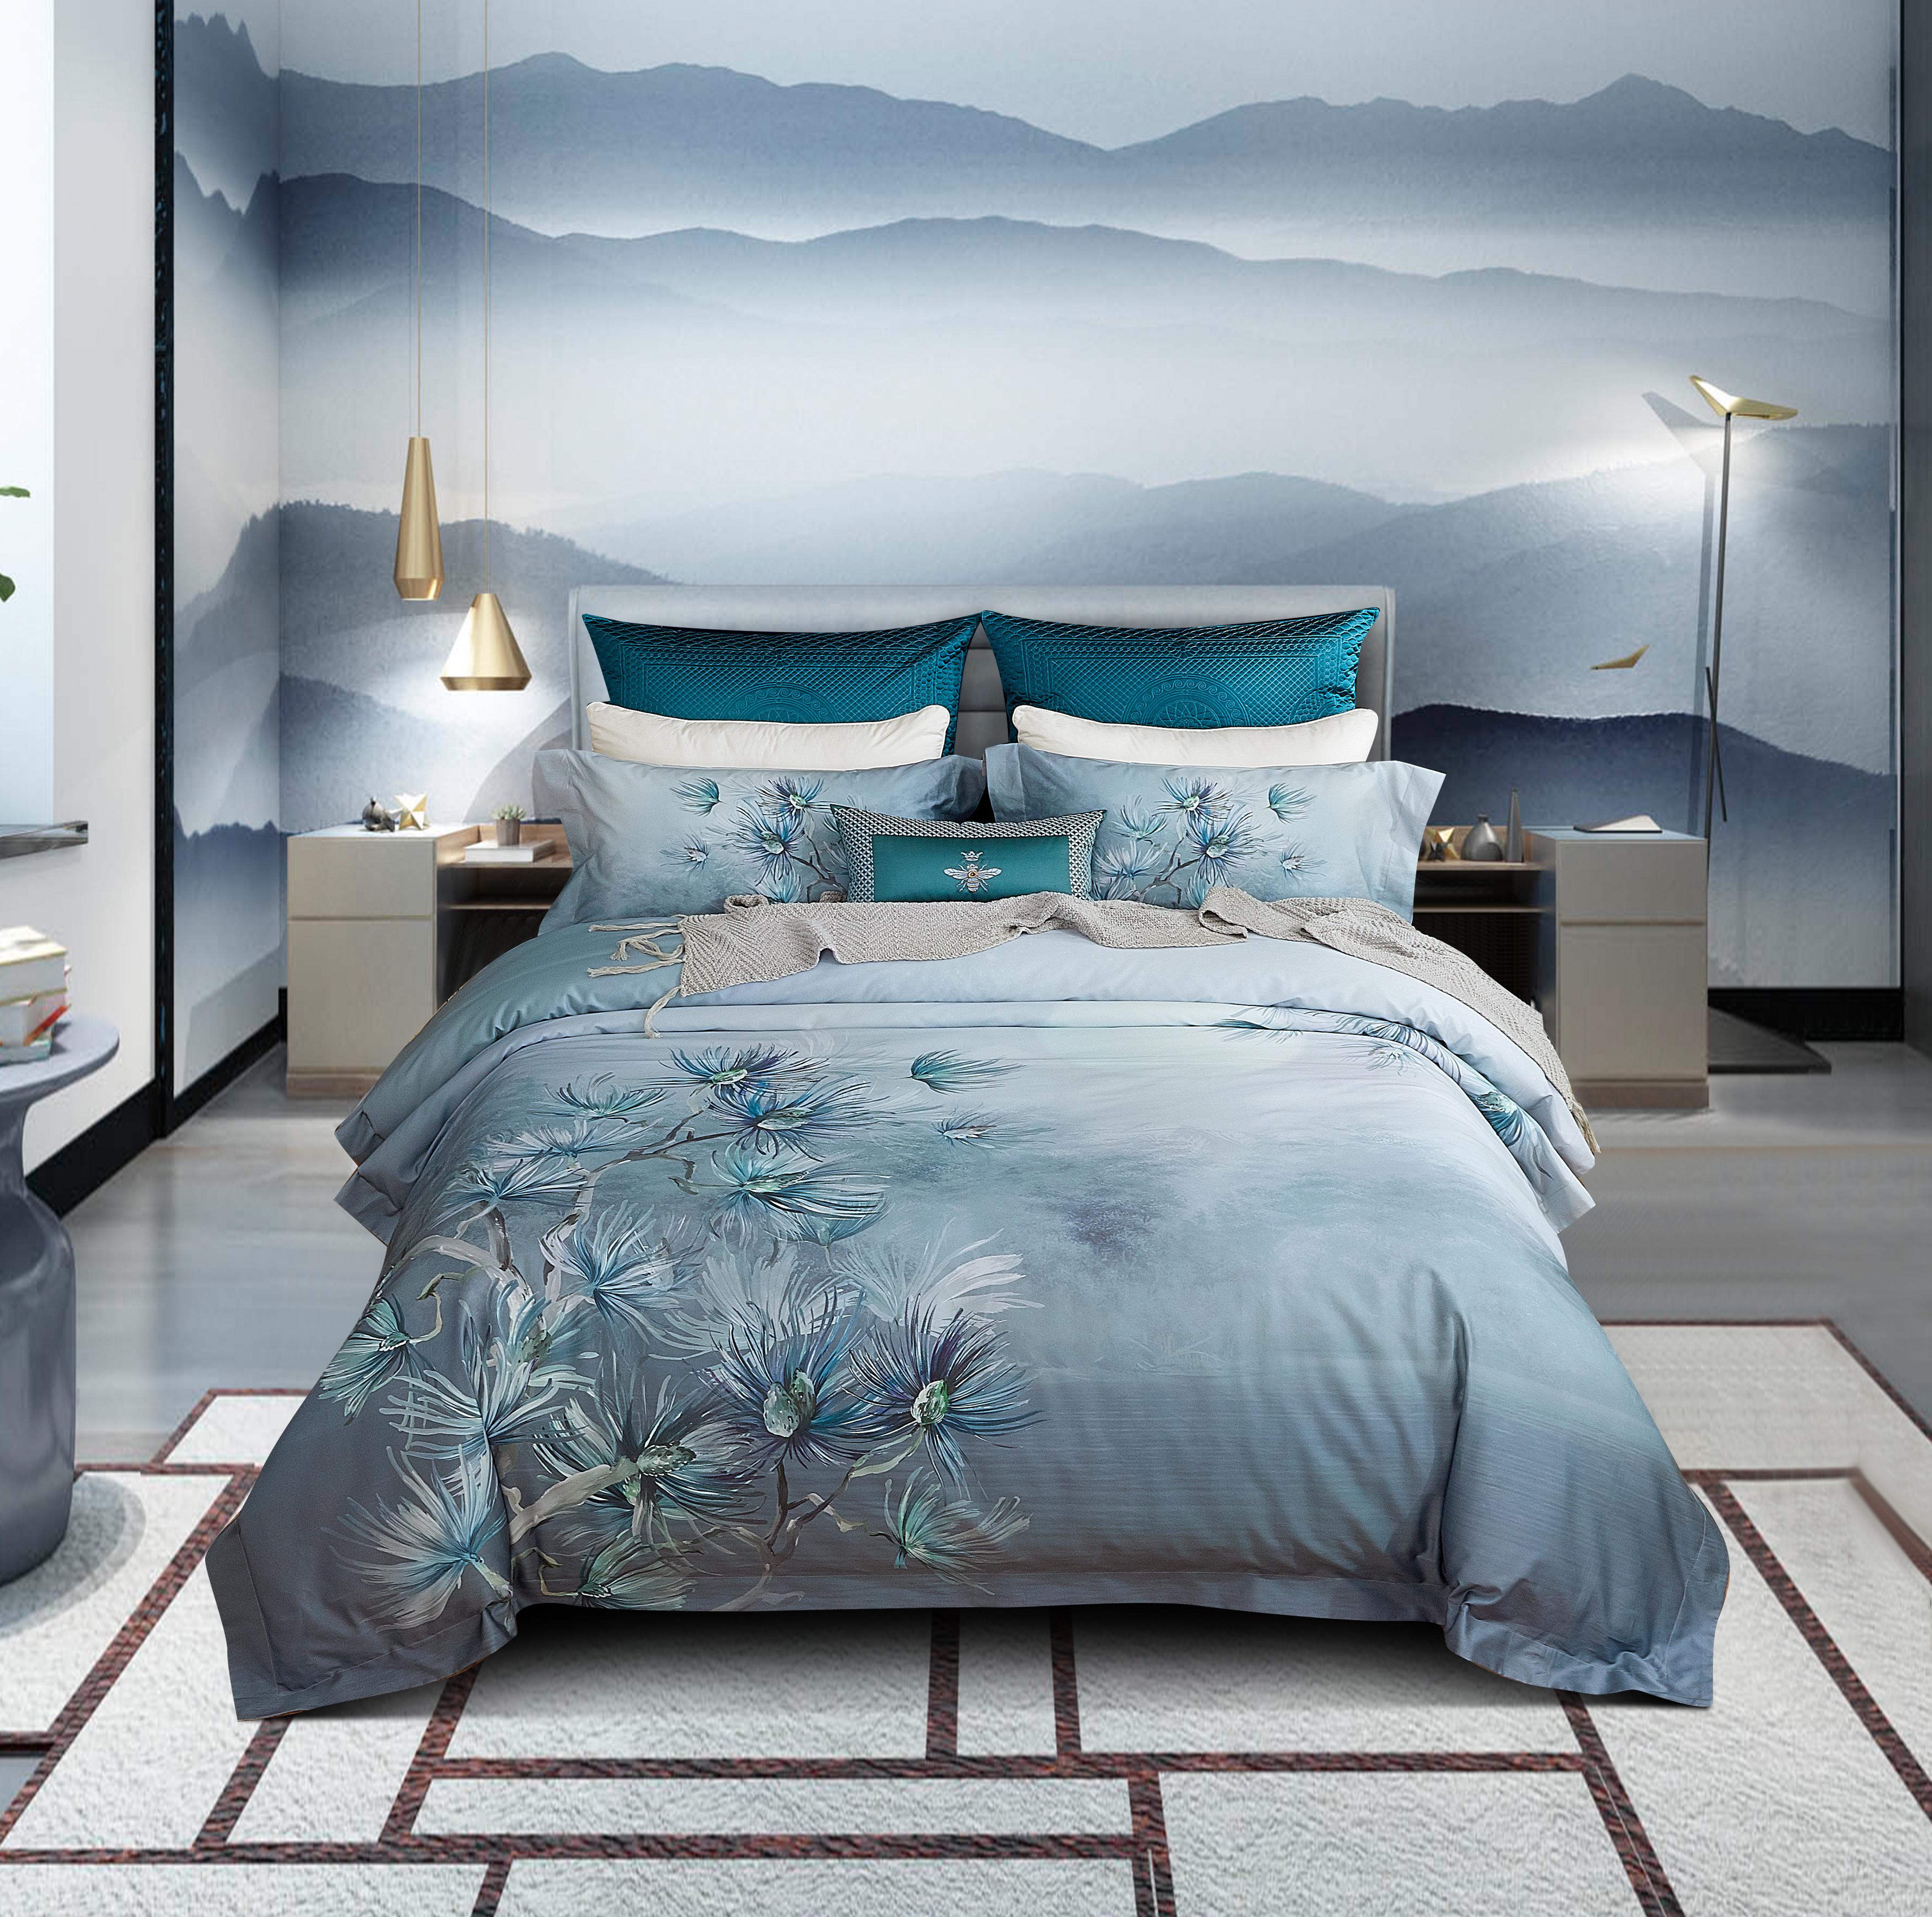 頂級棉錦印花床蓋四件套-輕詩羽葉